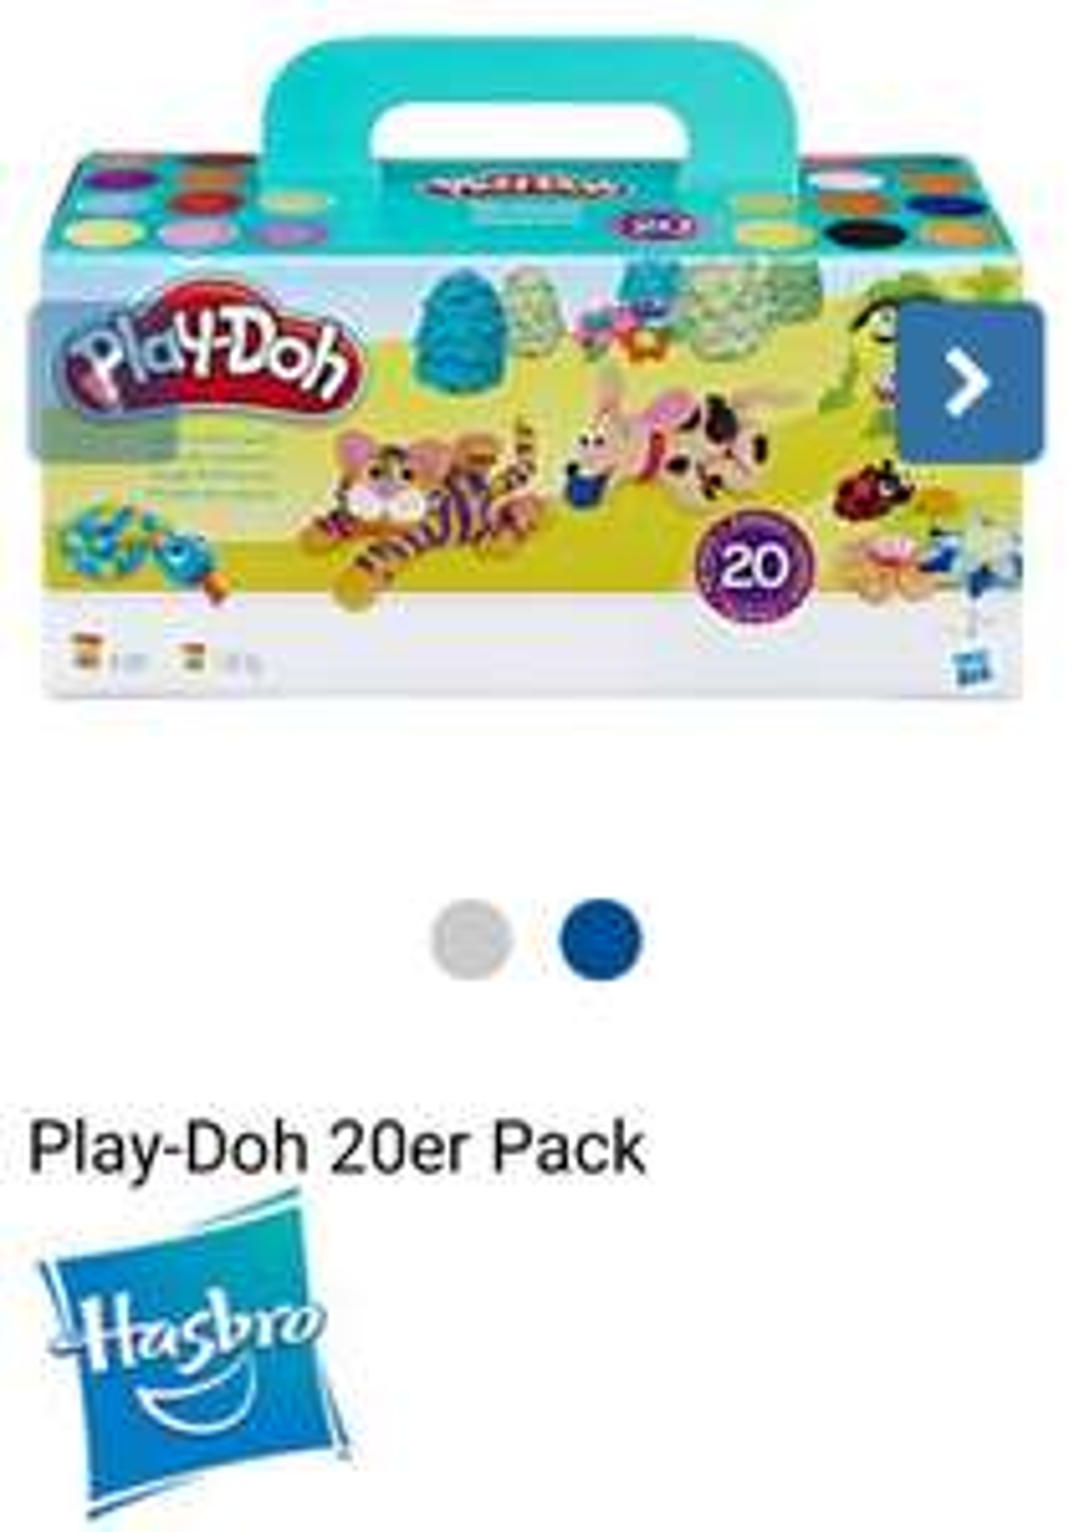 [Lokal] 1.68kg Play Doh Knete bei Spielemax im Angebot